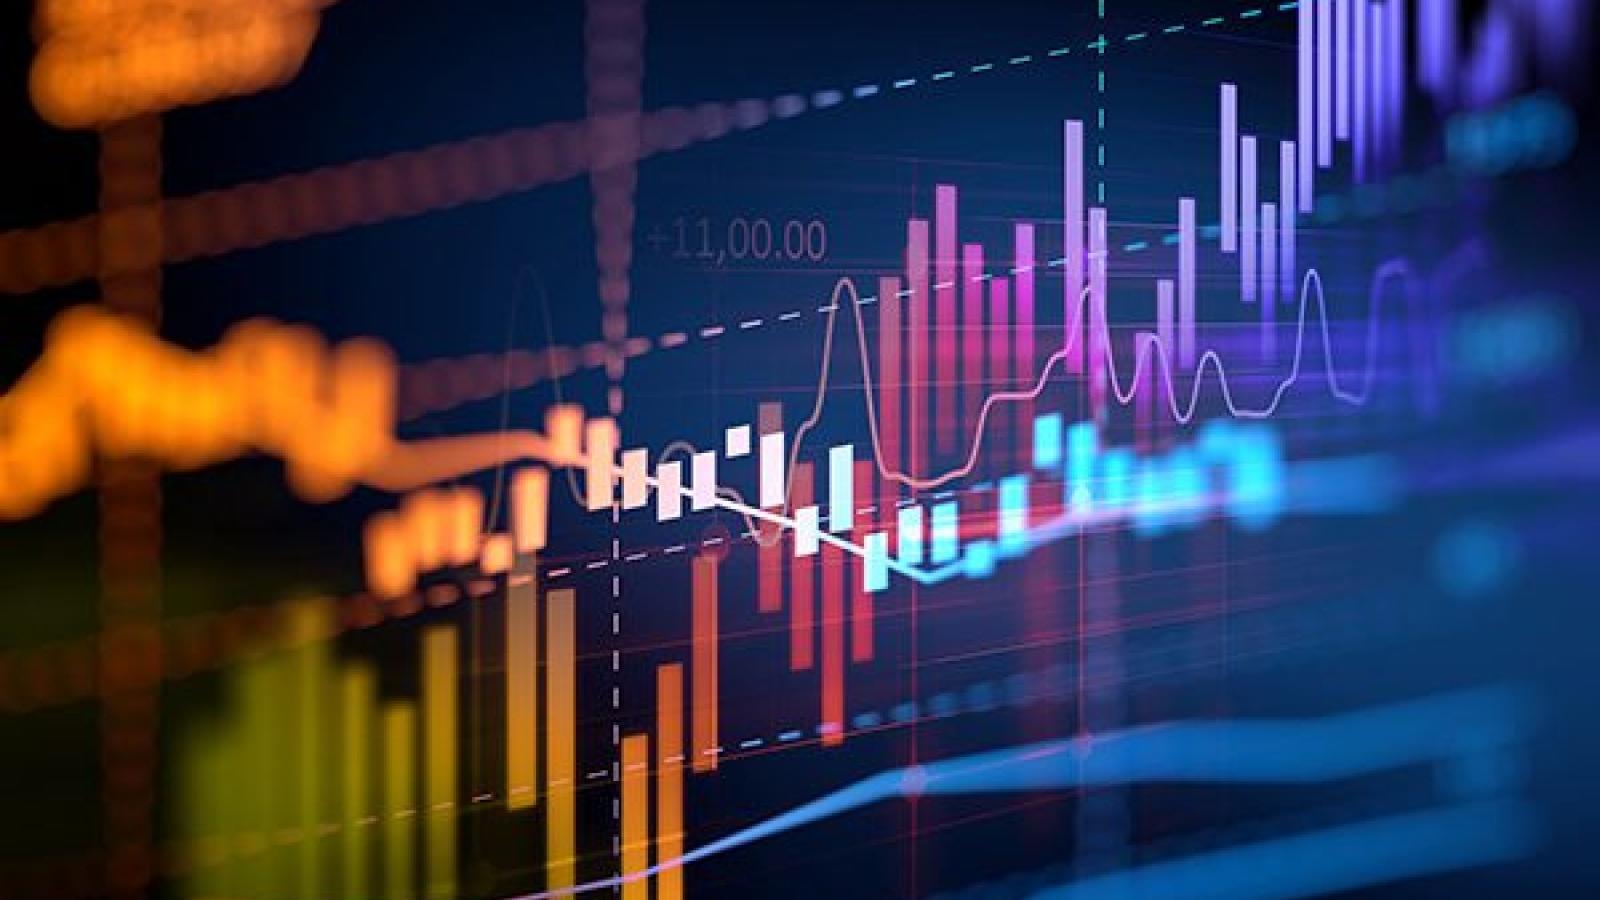 Khối lượng giao dịch chứng khoán phái sinh tăng 15% trong nửa đầu năm 2021